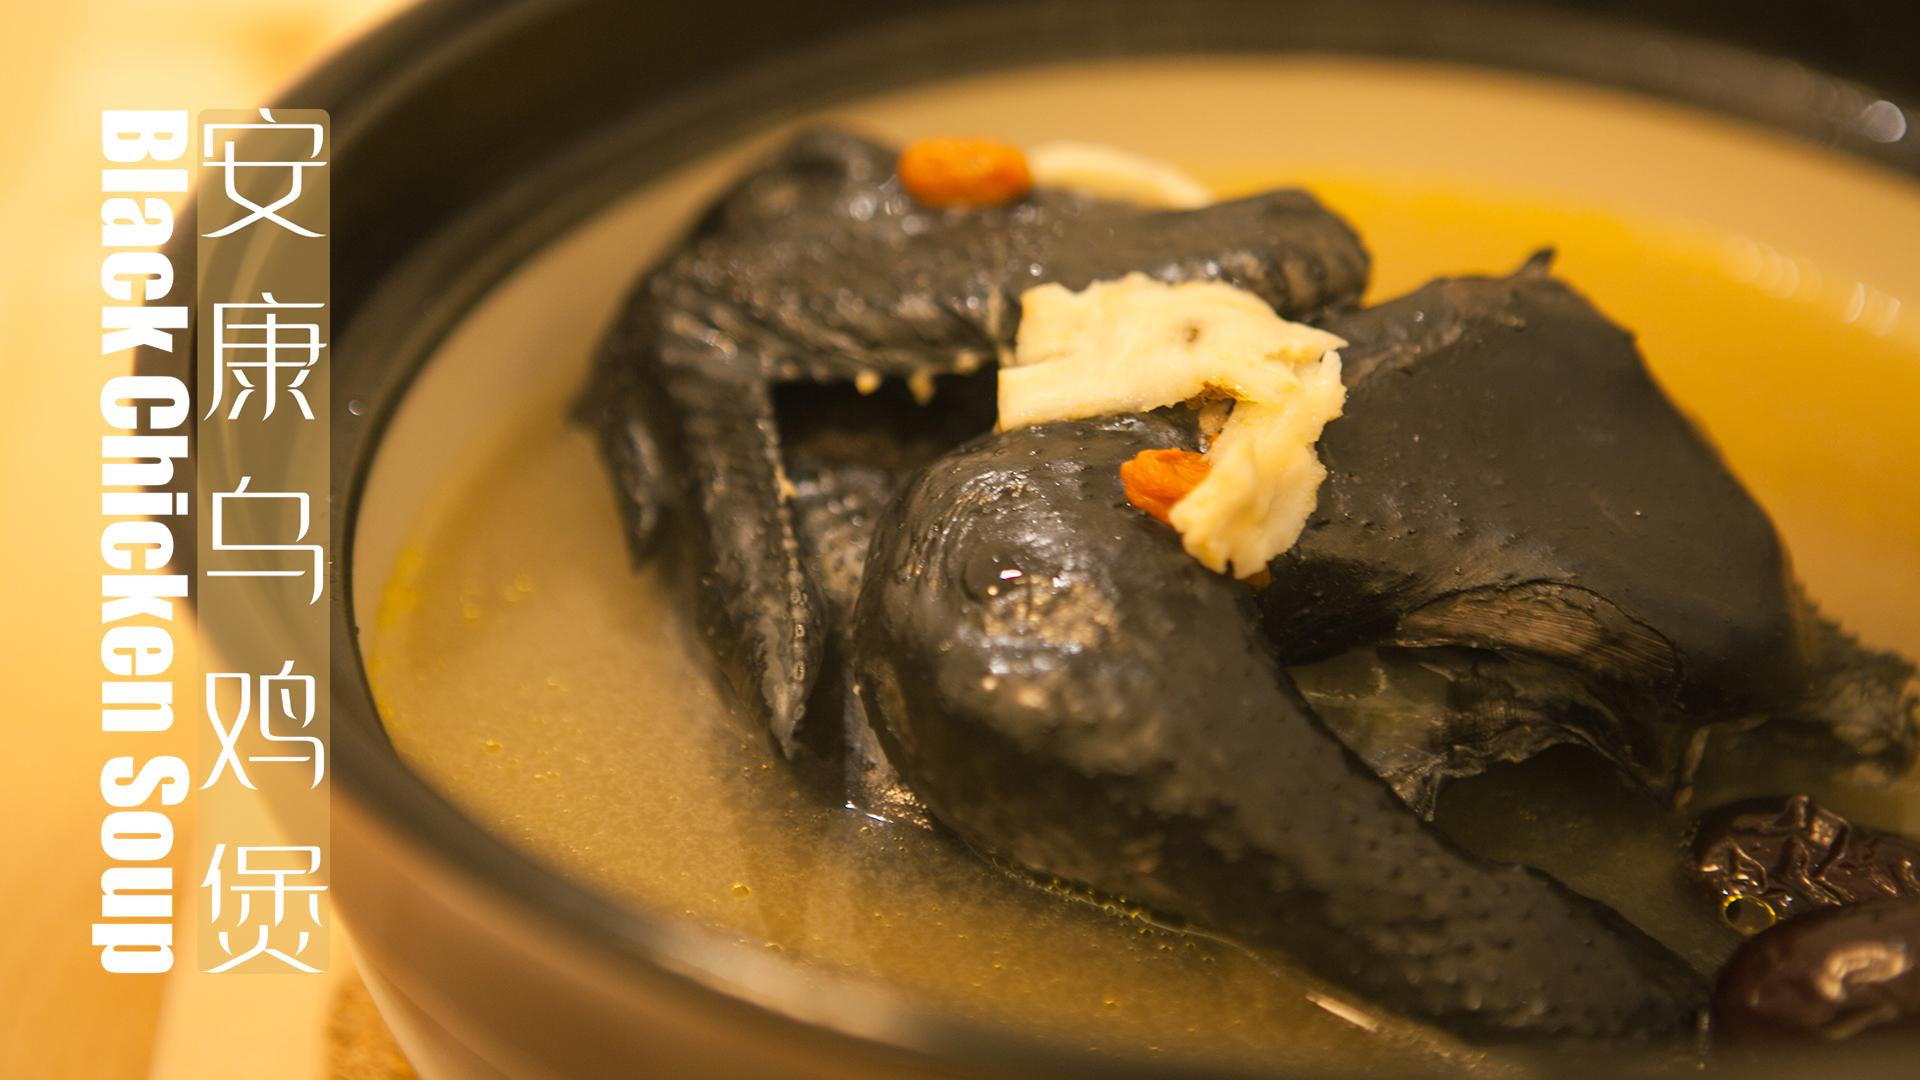 安康乌鸡煲「厨娘物语」